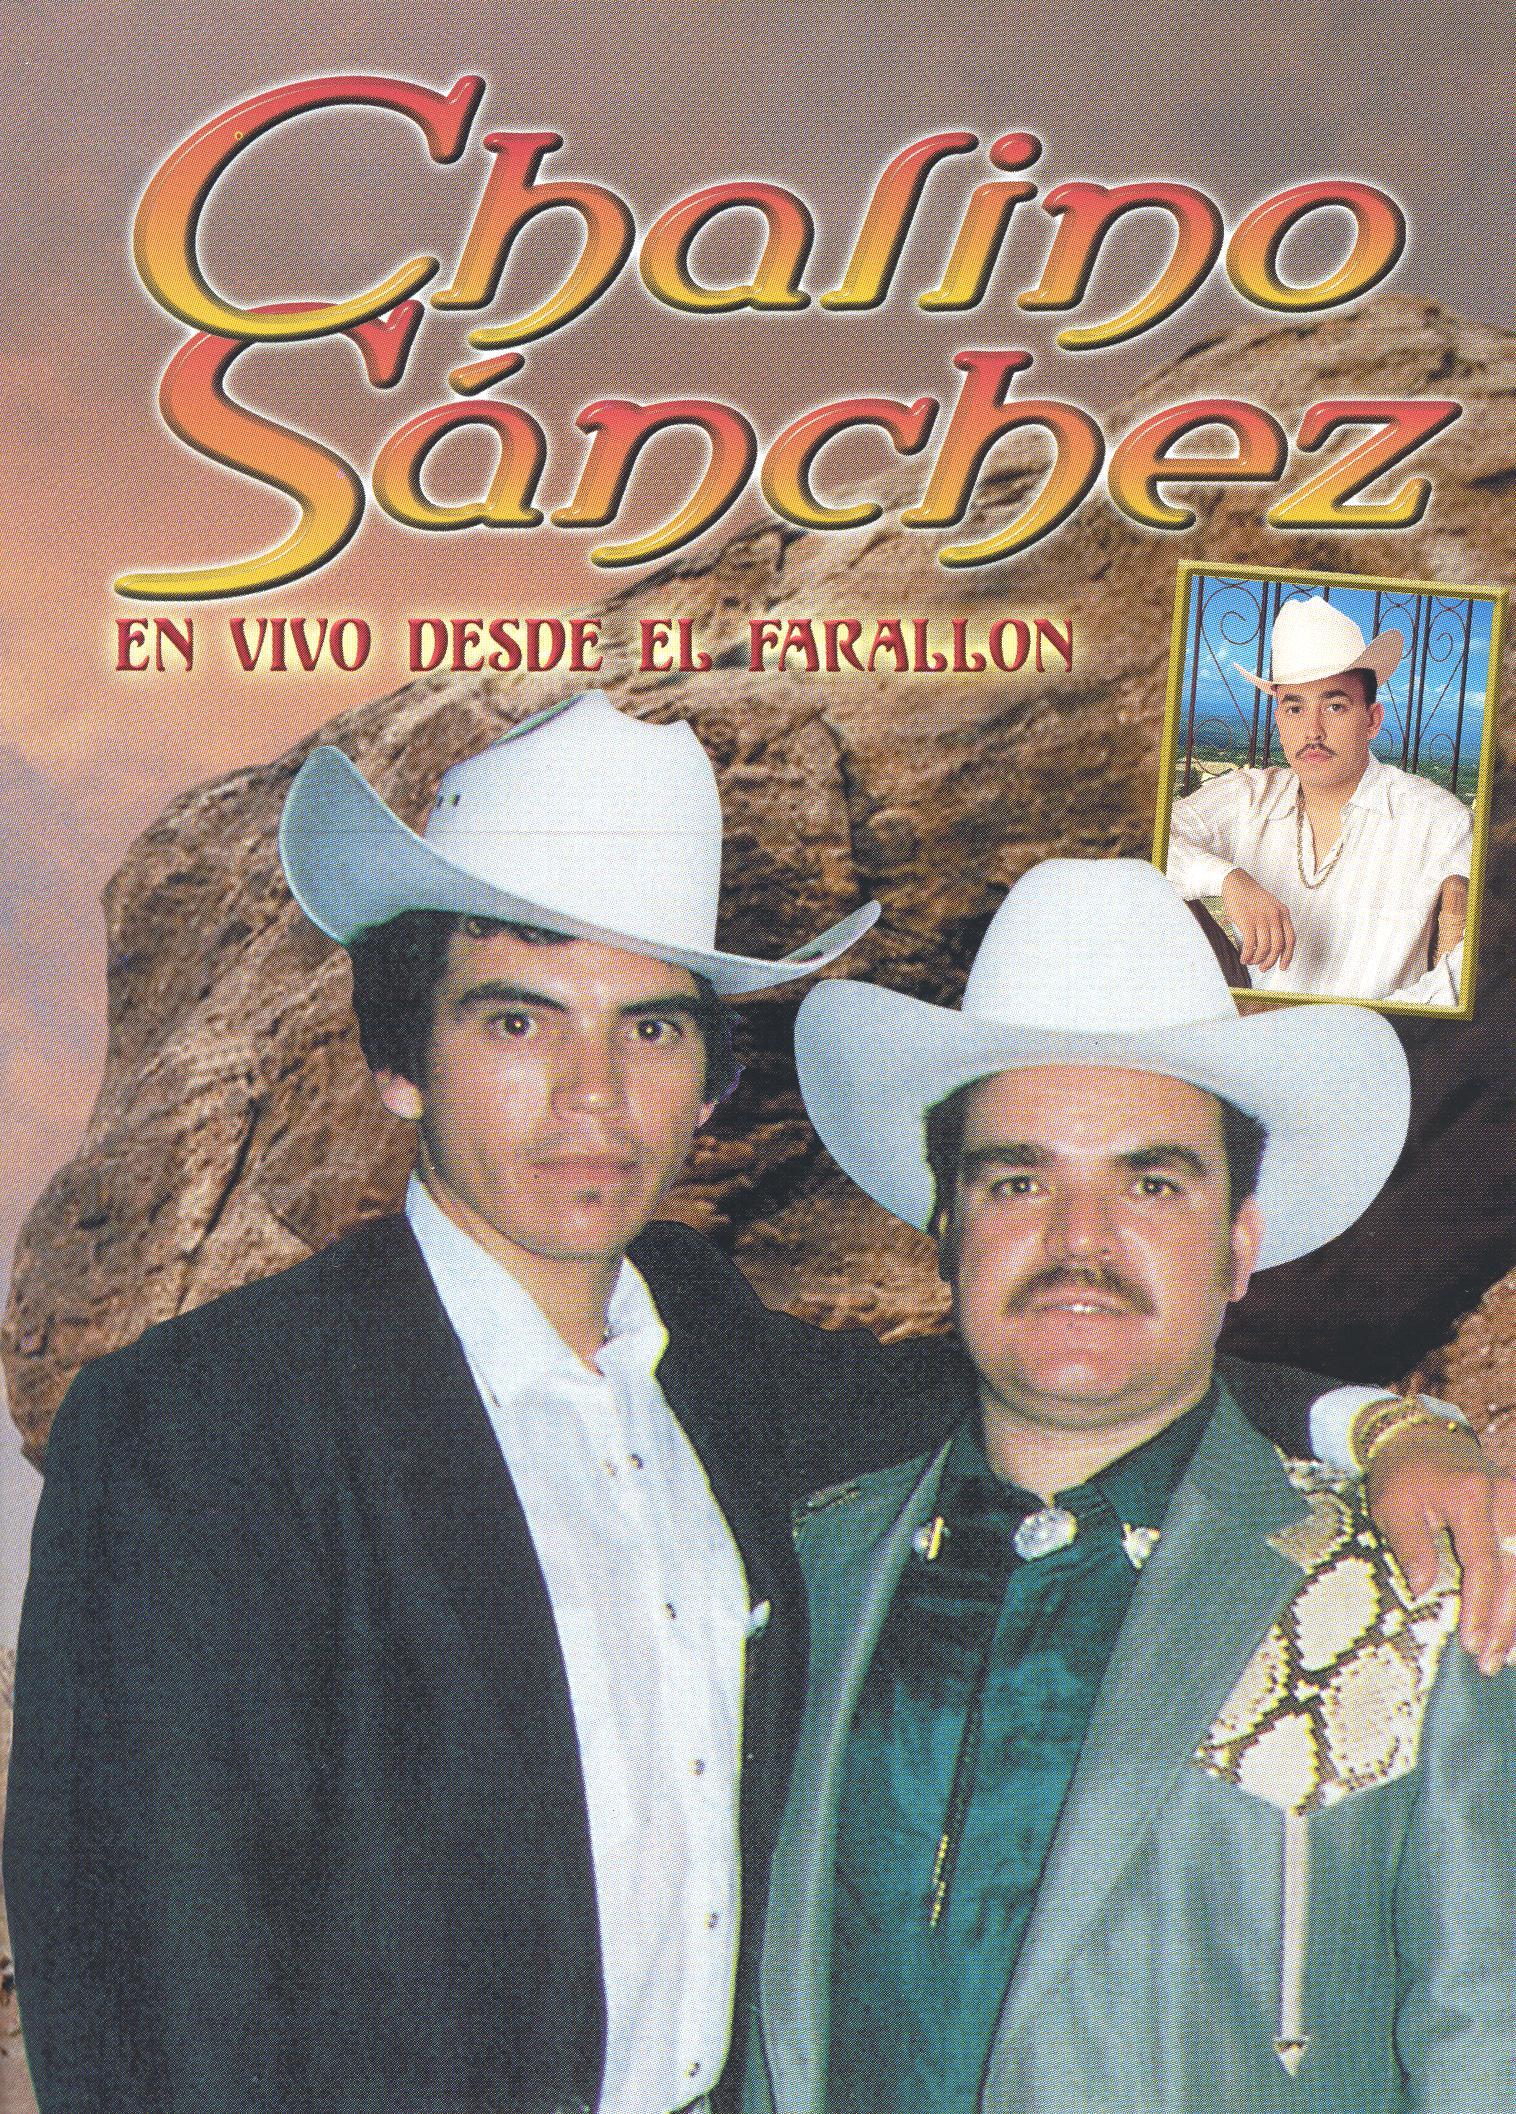 Chalino Sanchez: En Vivo Desde el Farallon